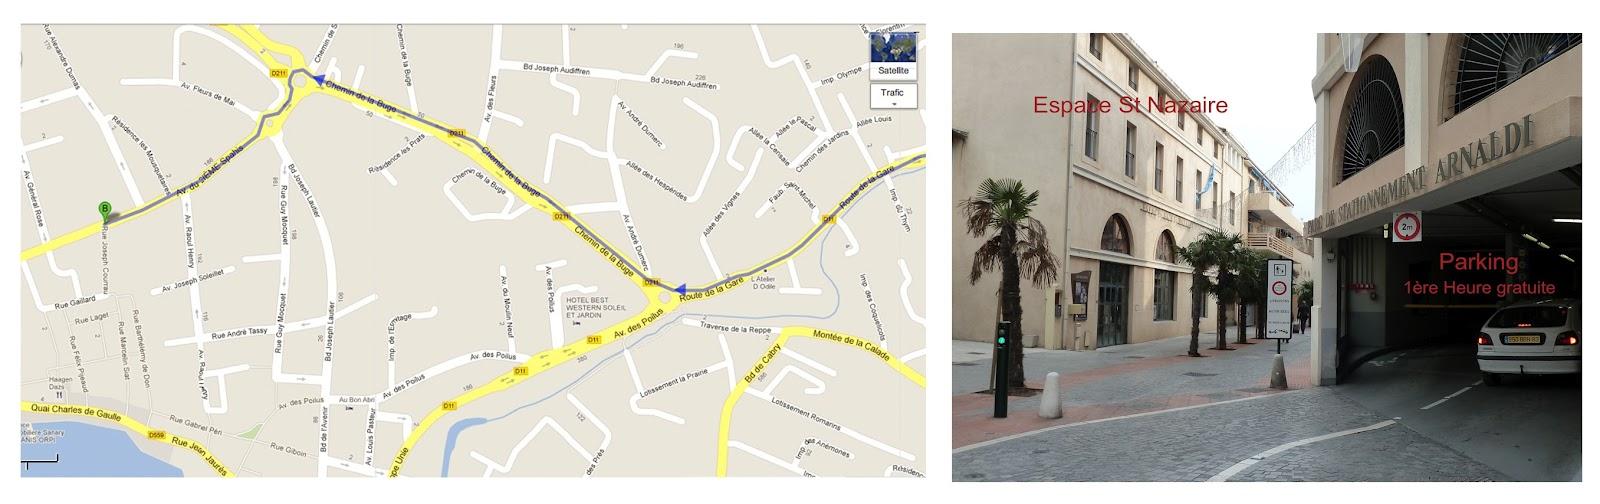 Rue joseph courrau sanary location avec cuisine quip e for Axa immobilier location